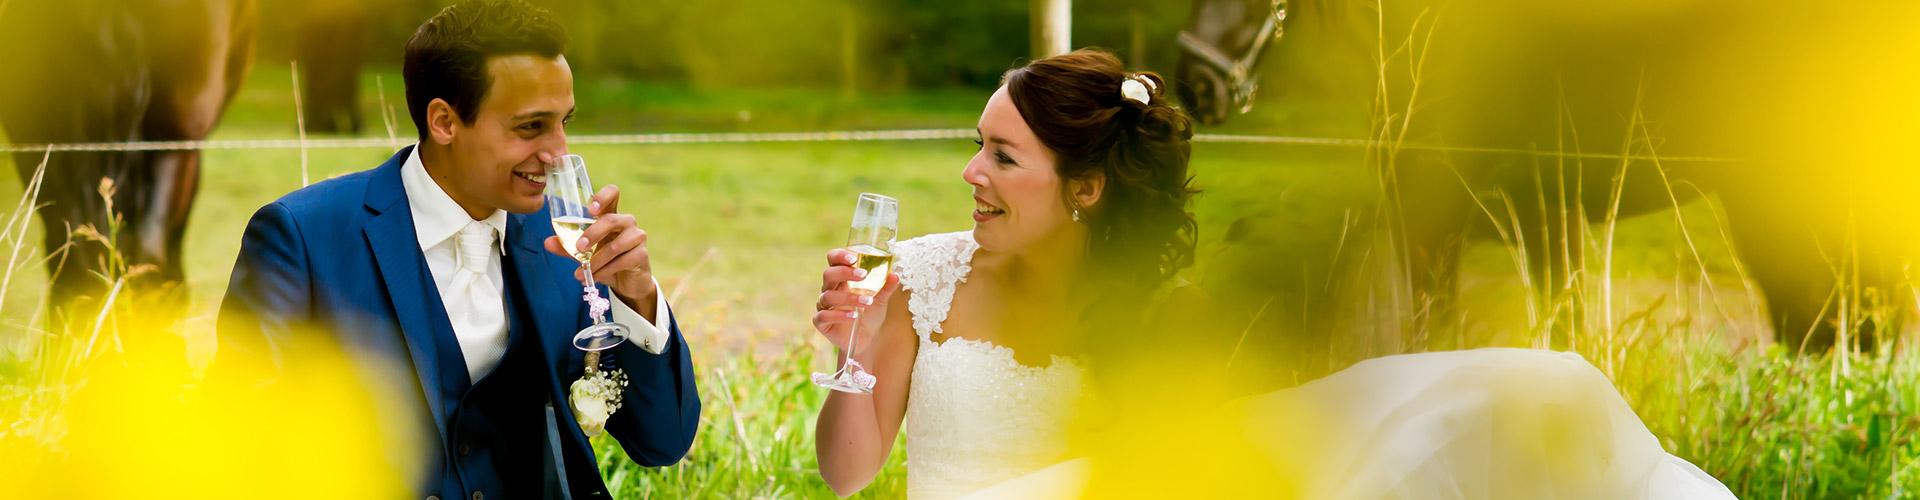 bruidsfotografie-leila-mozes-3